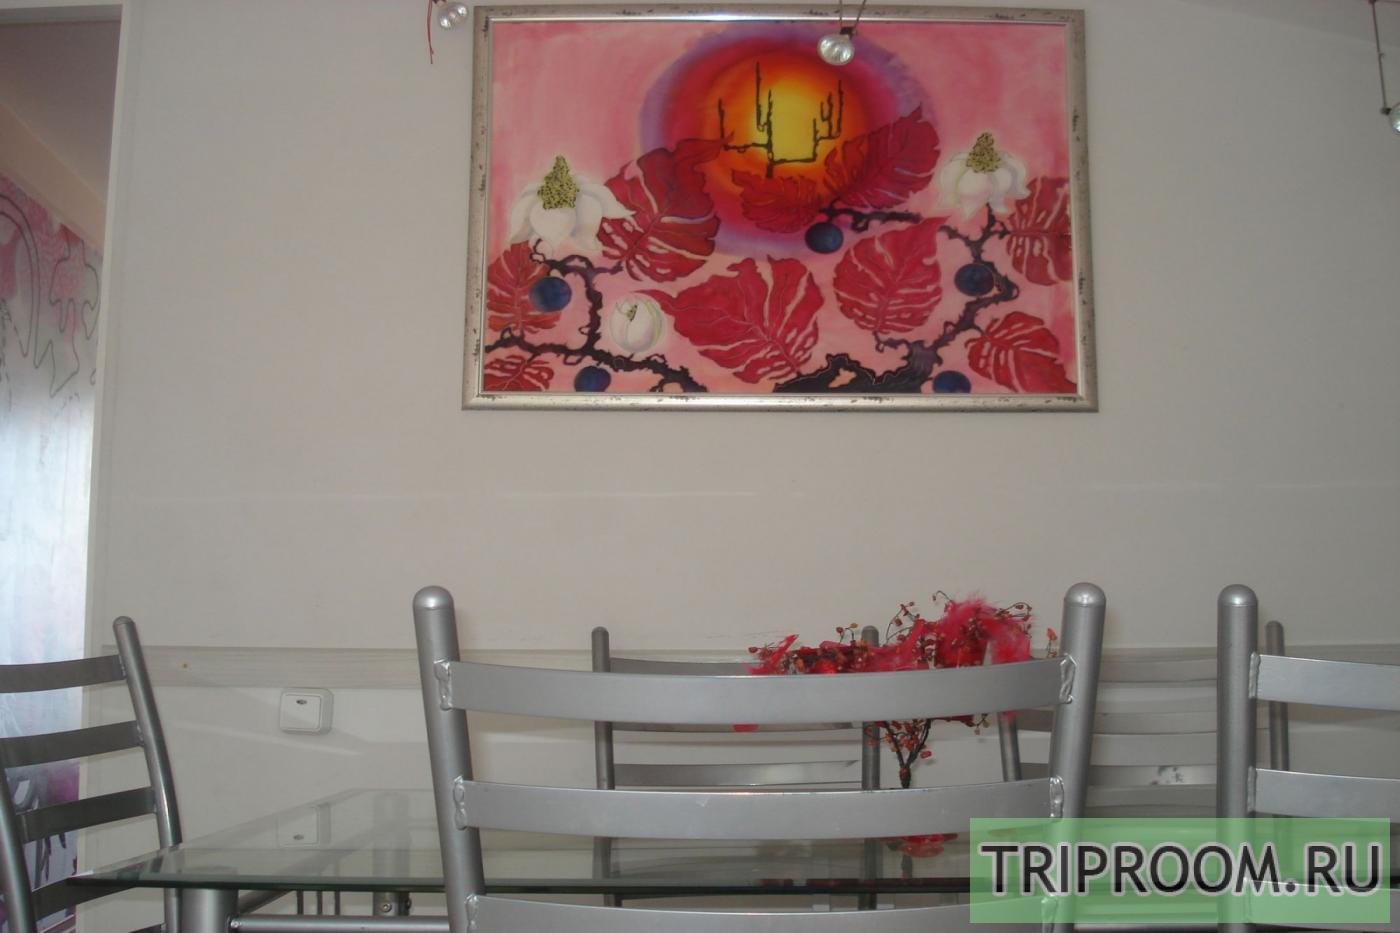 2-комнатная квартира посуточно (вариант № 858), ул. Кастрополь, ул. Кипарисная улица, фото № 11